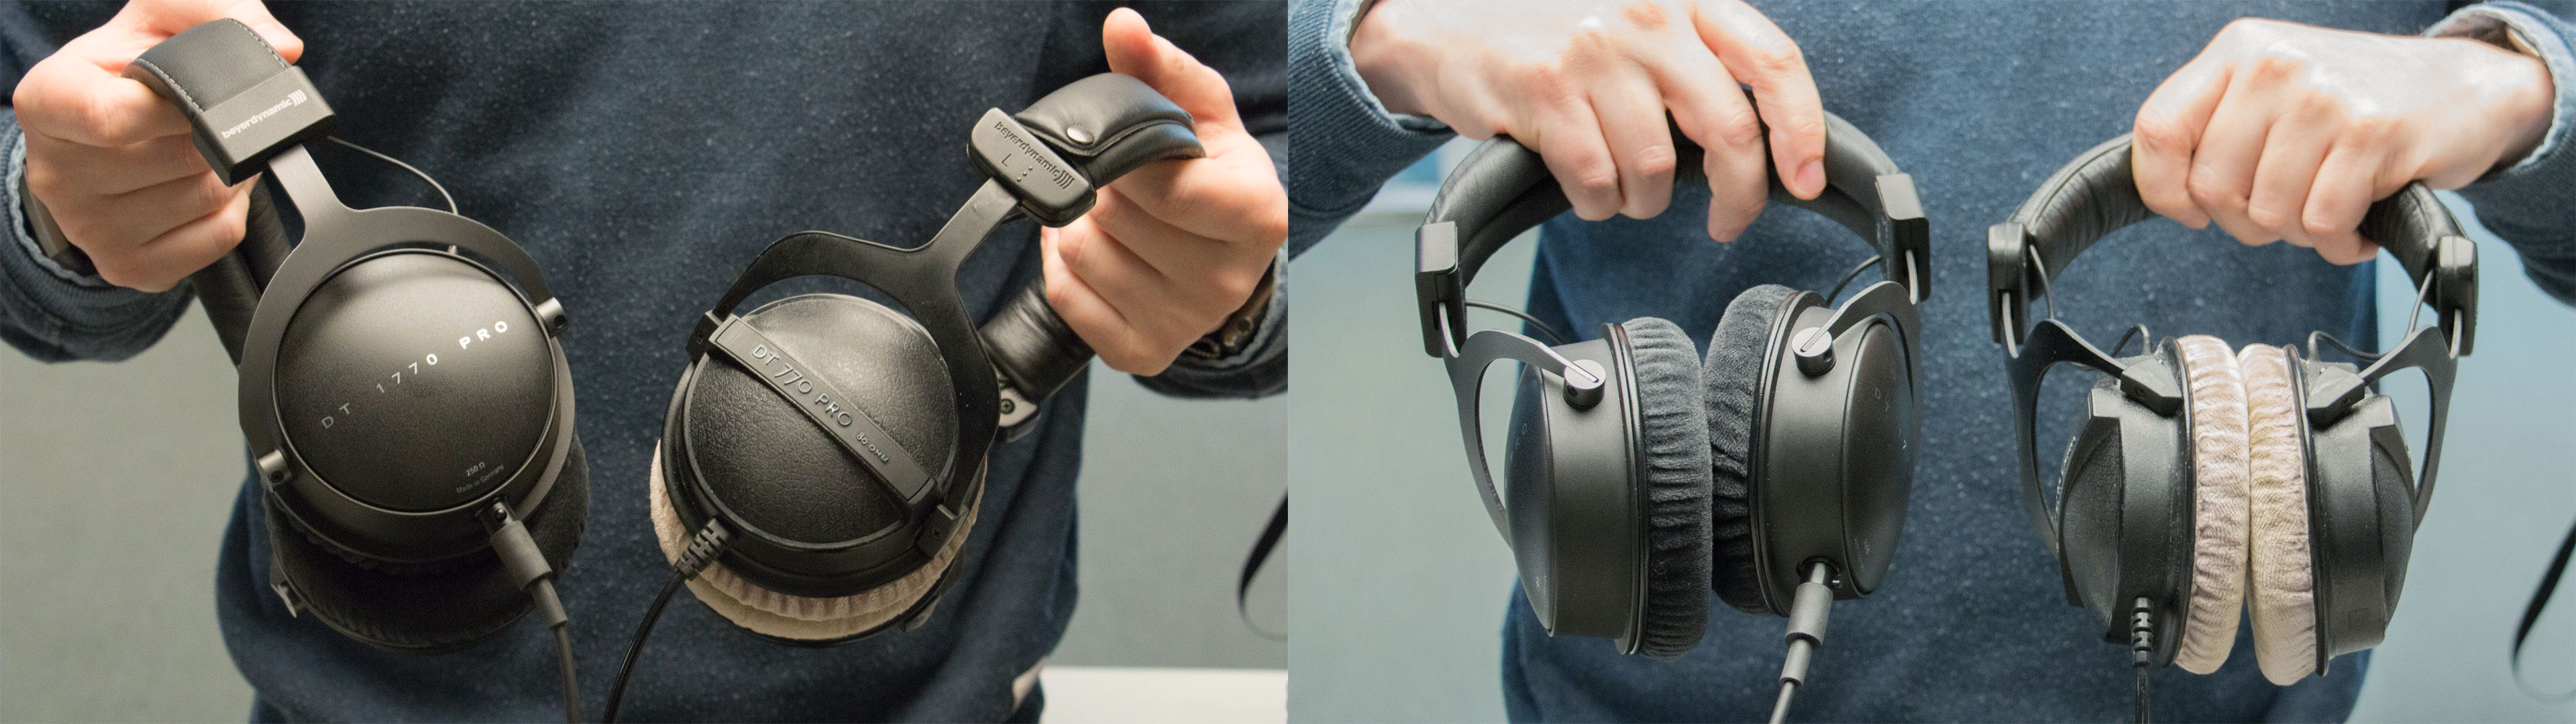 Her kan du se forskjellen mellom DT 1770 Pro (Venstre) og gode gamle DT 770 Pro (høyre)